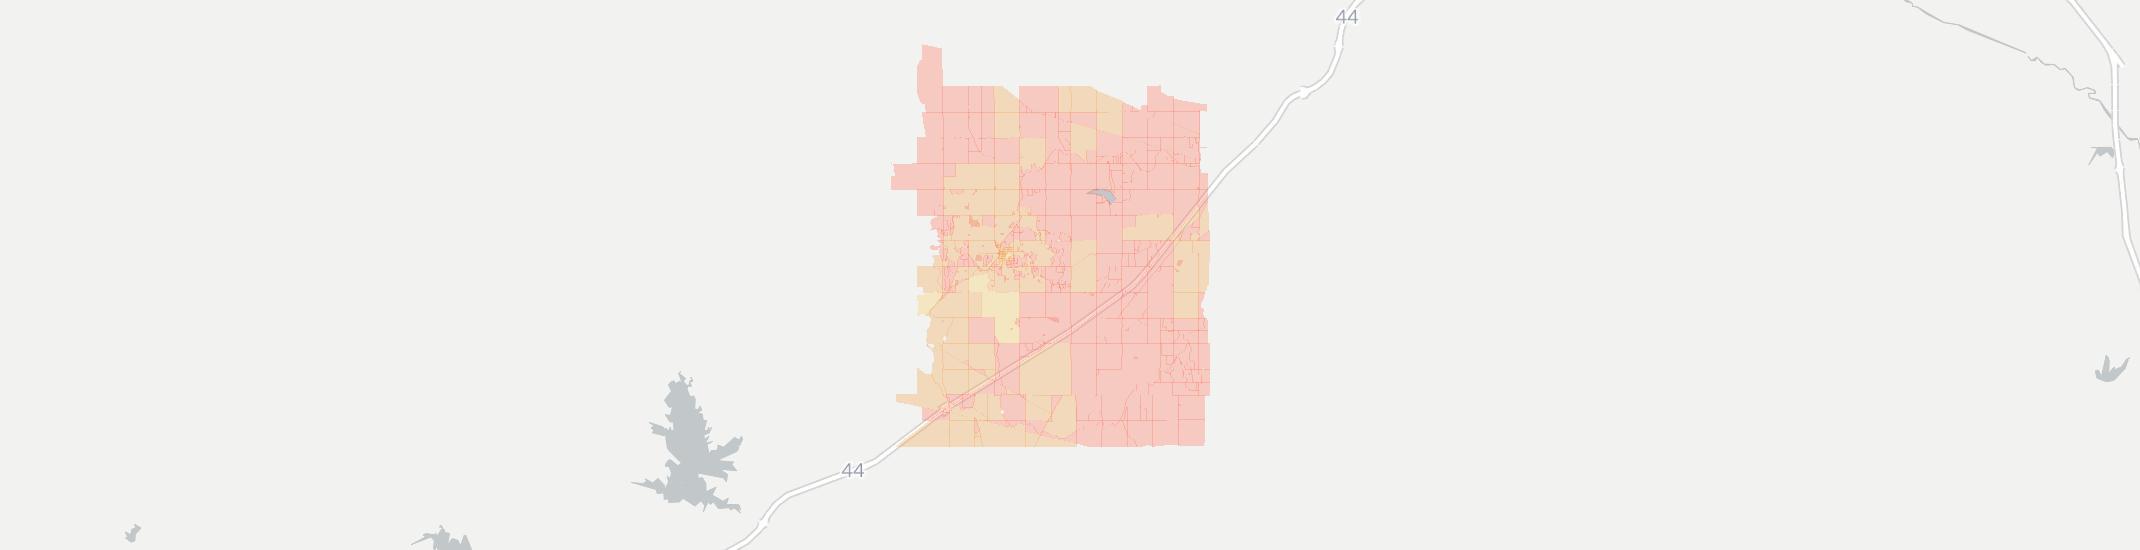 Cement Oklahoma Map.Internet Providers In Cement Compare 12 Providers Broadbandnow Com